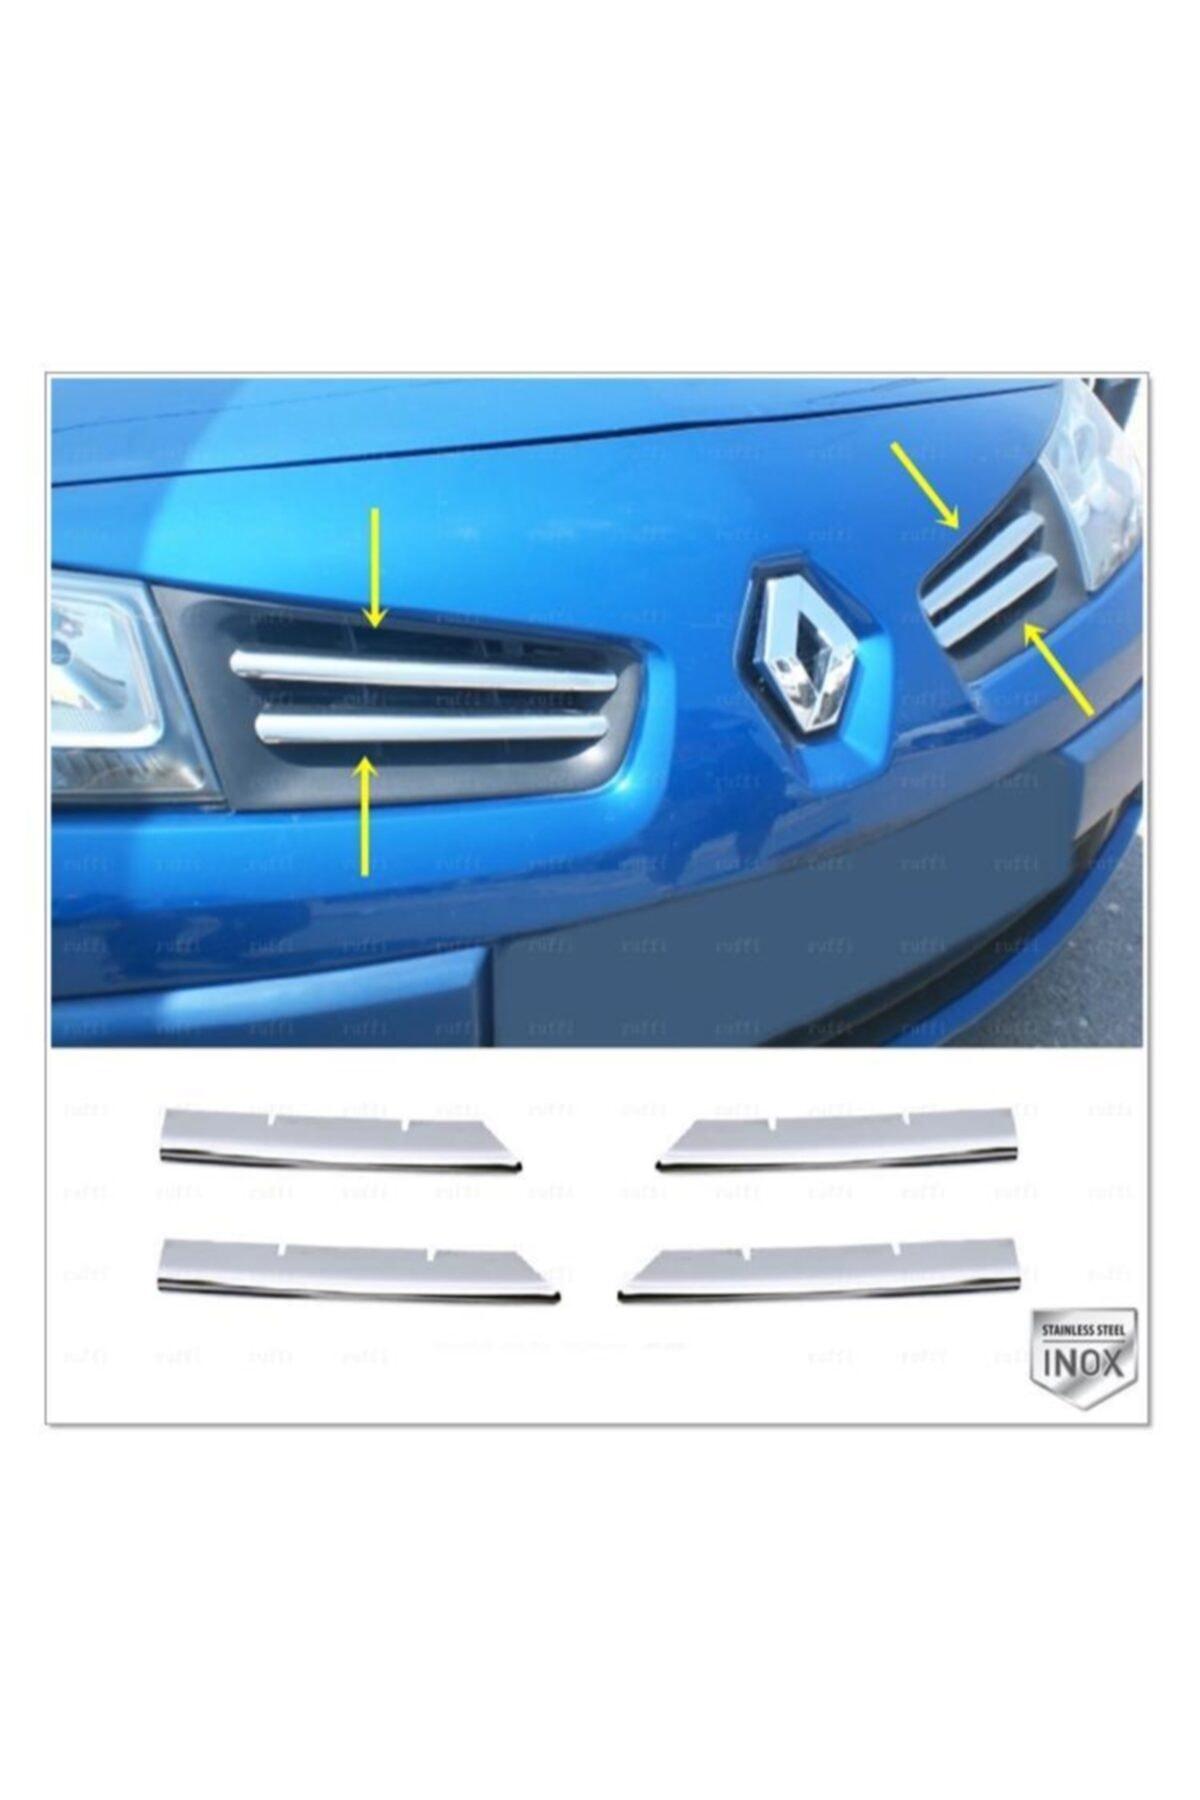 Renault Megane 2 Krom Ön Panjur 4 Prç. 2004-2010 Arası P.çelik